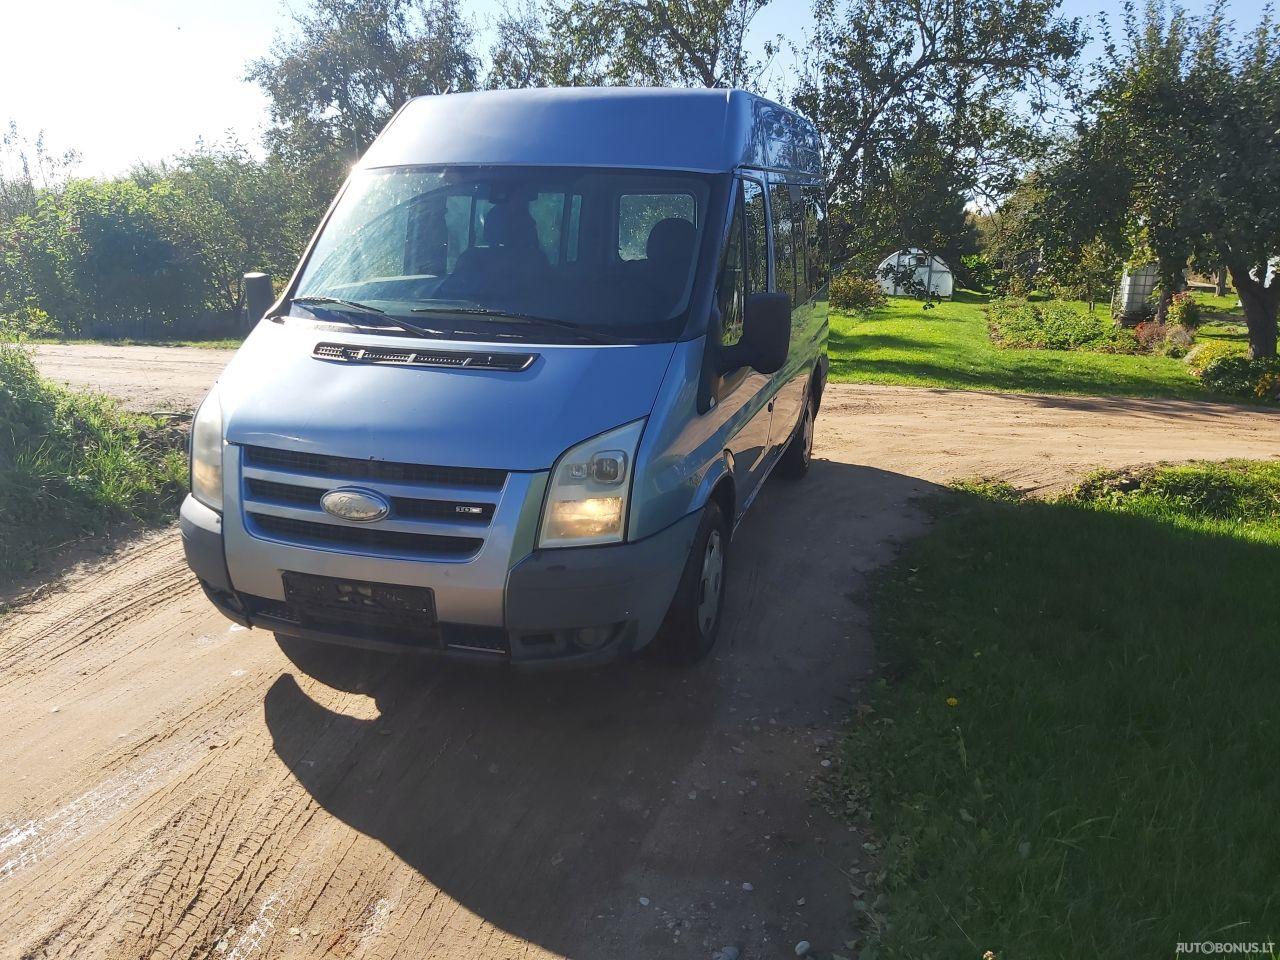 Ford Transit, Keleiviniai iki 3,5 t